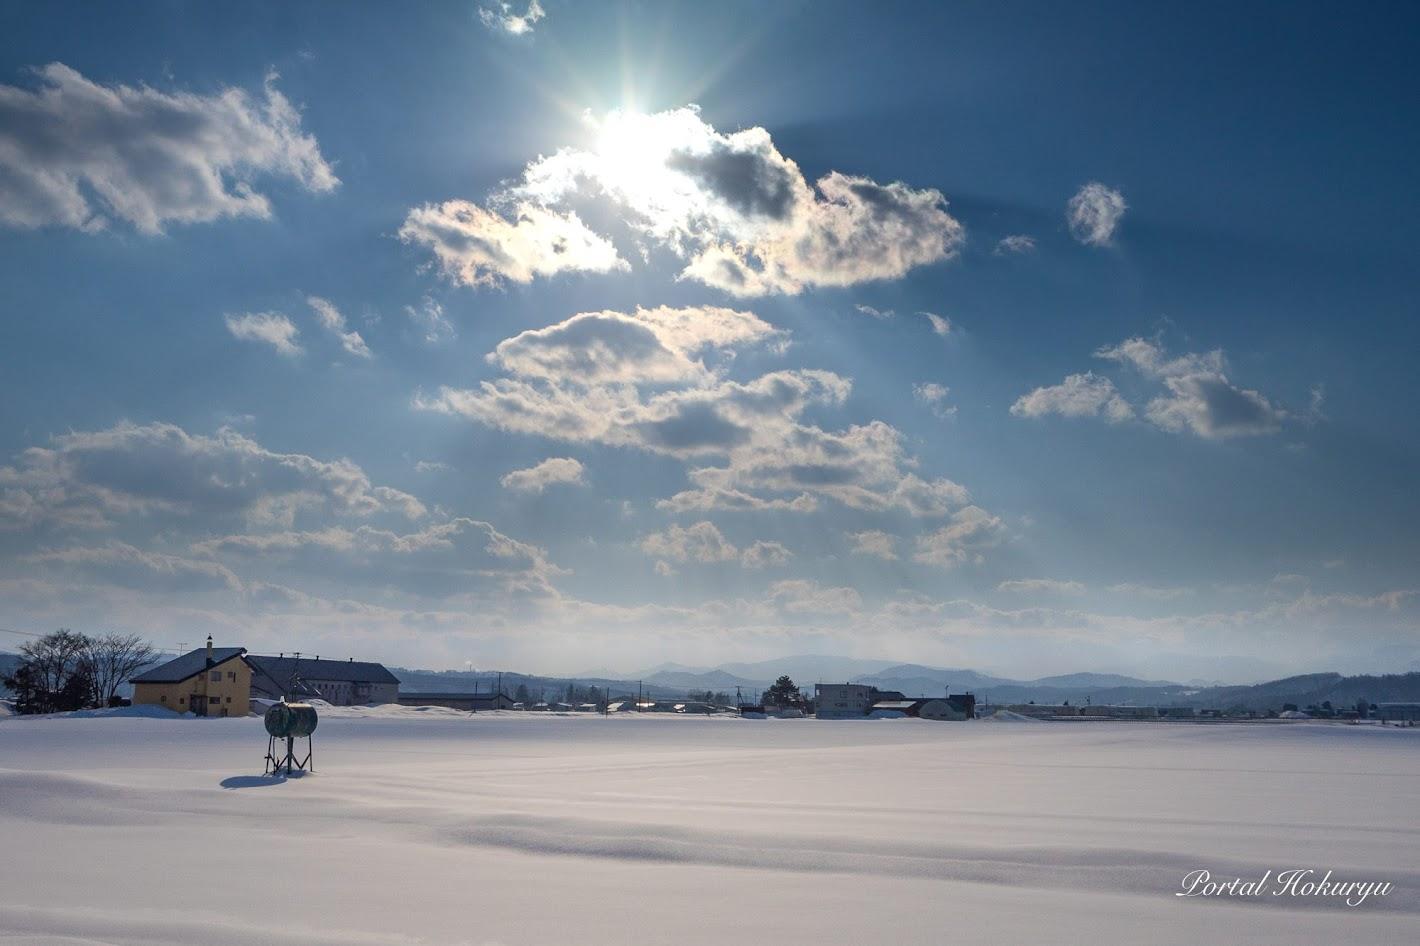 雪原にひとりぼっち